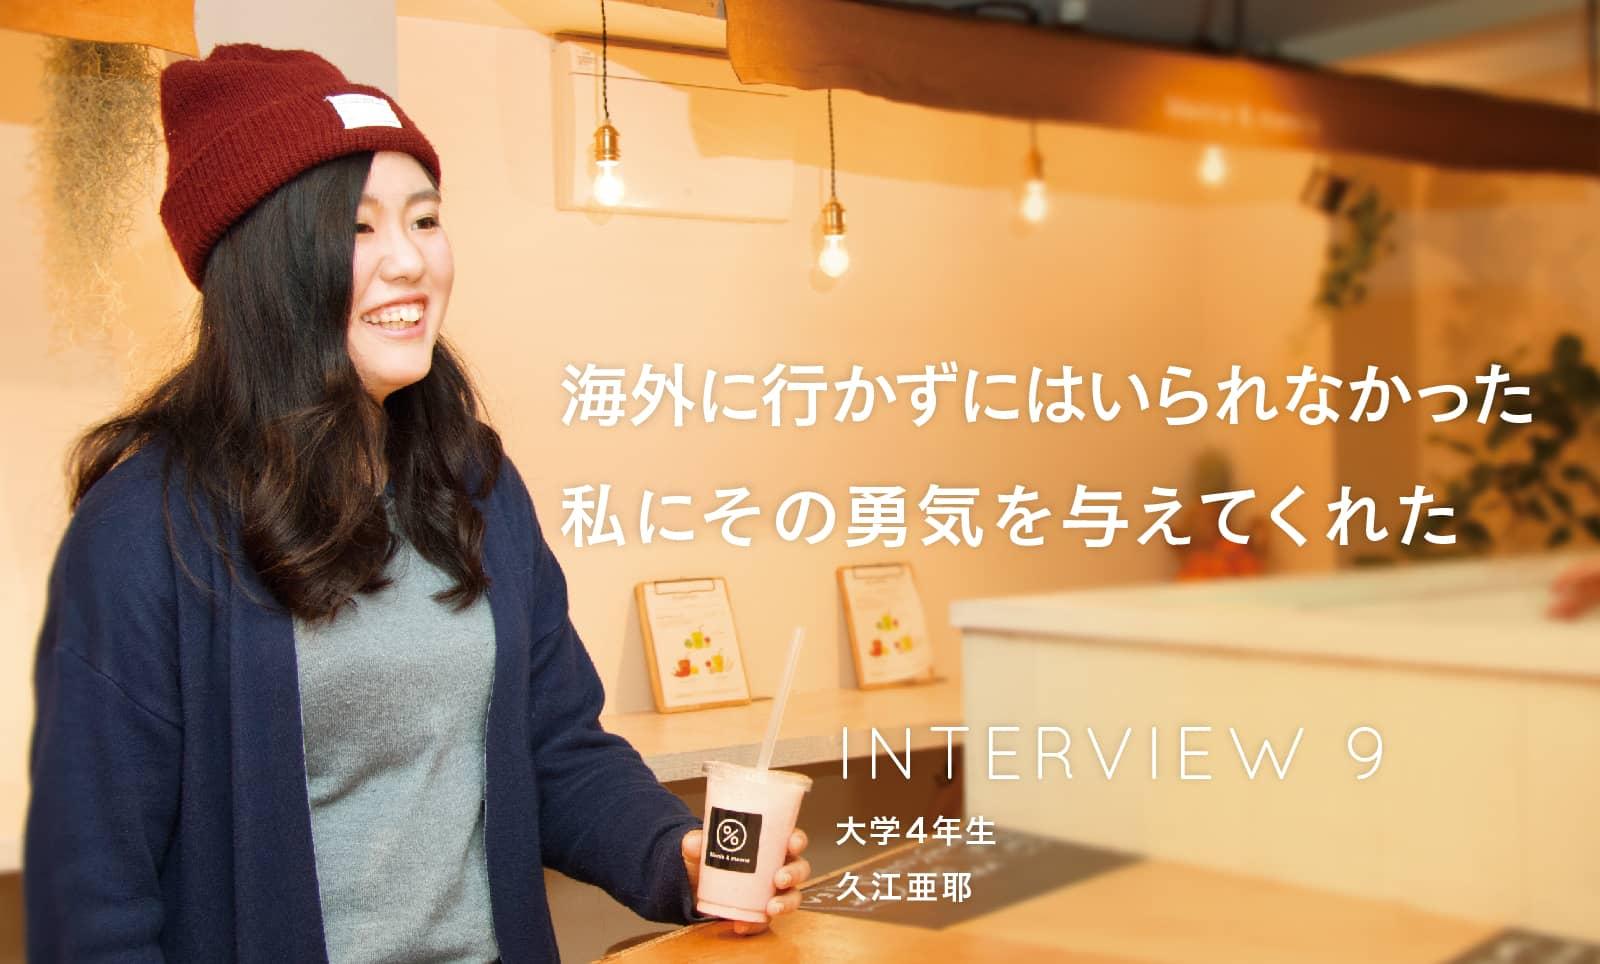 INTERVIEW 07 大学4年生 久江 亜耶 さん